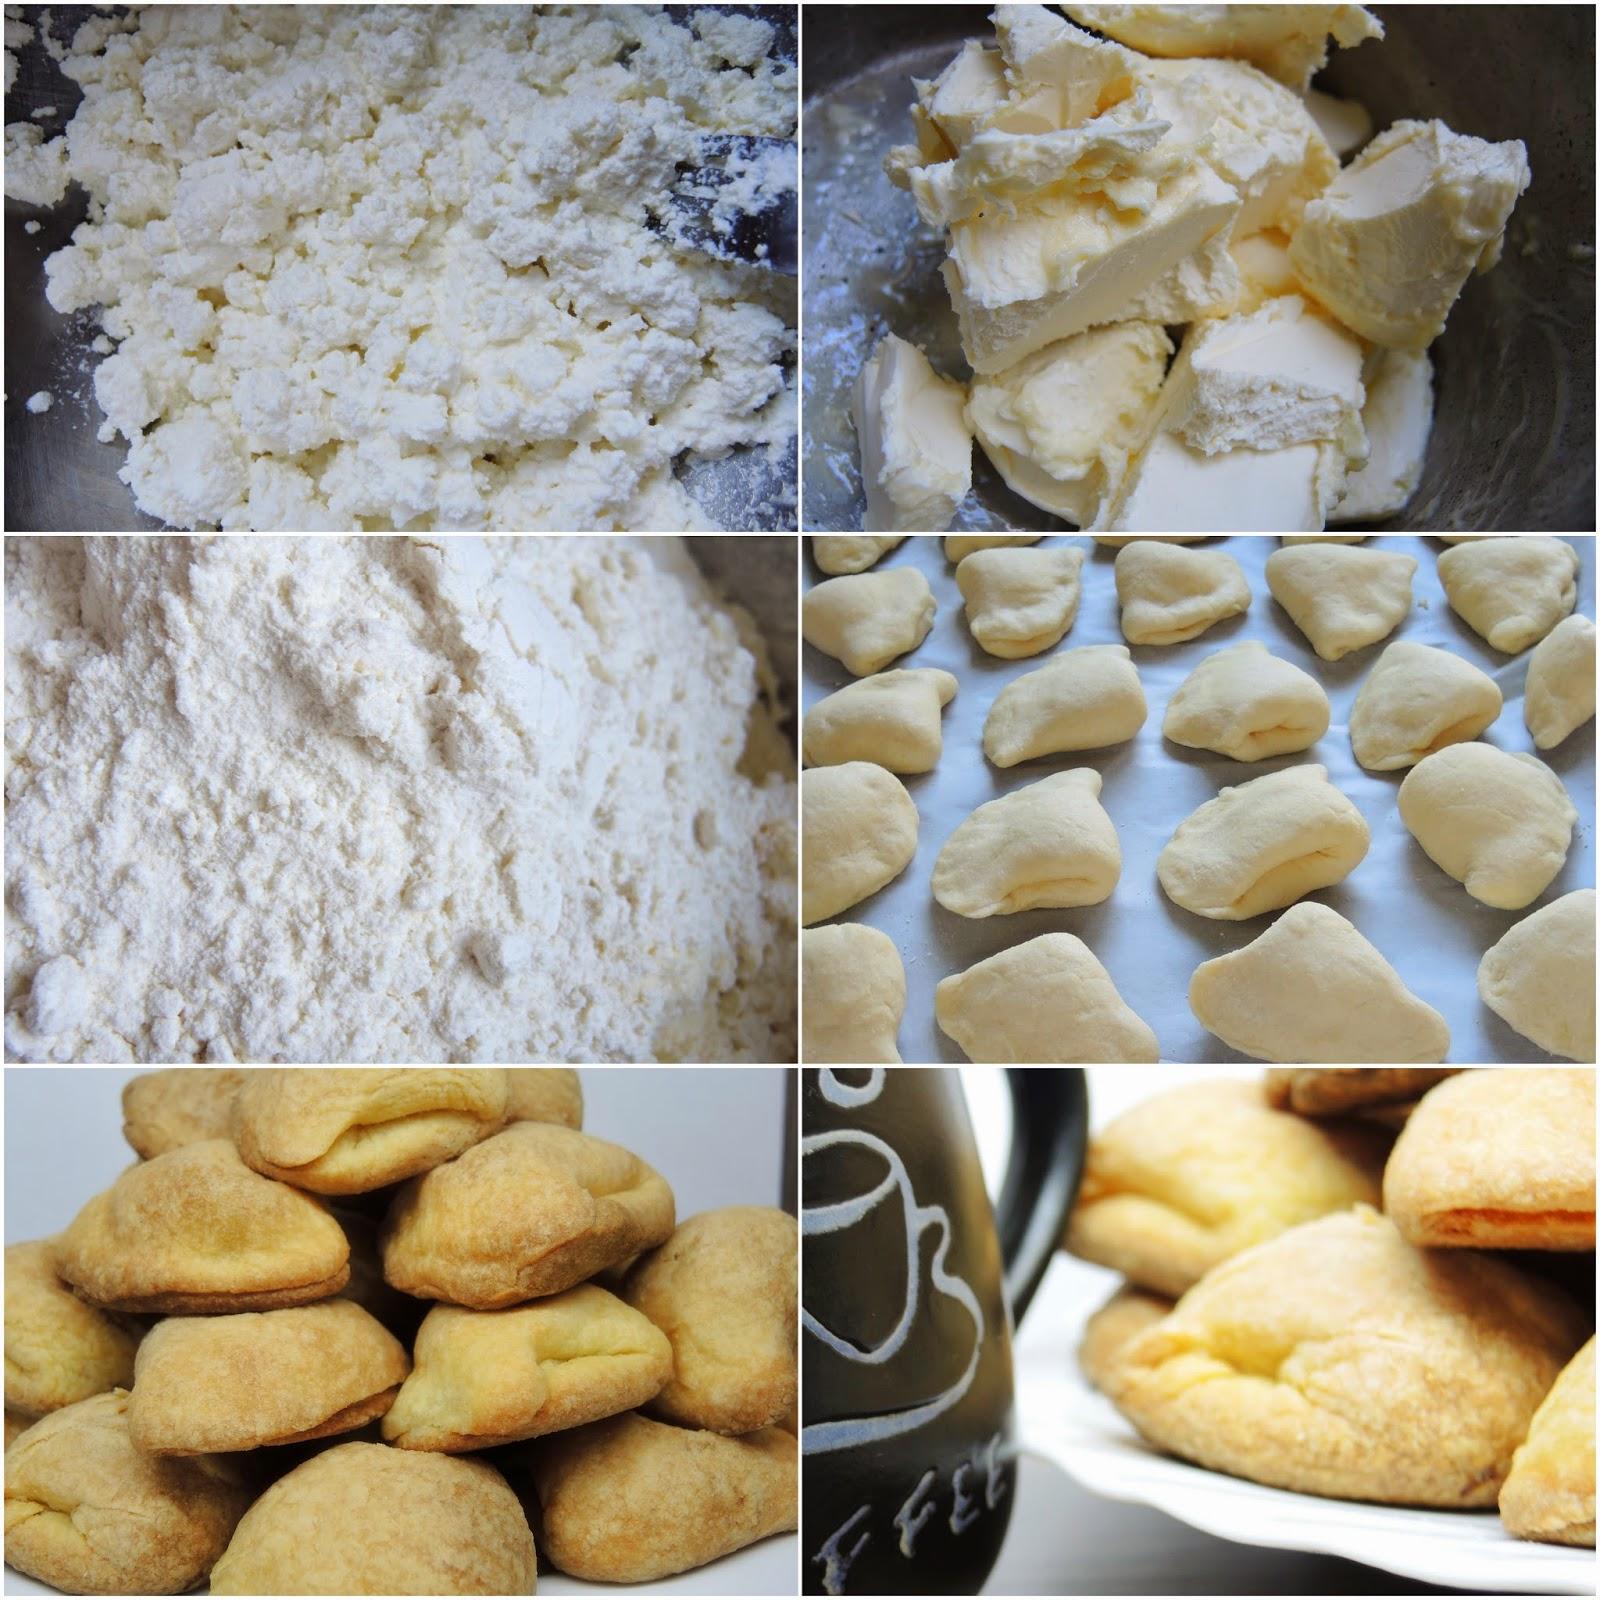 winter-biscuits.jpg-зимнее настроение погода зимой лужи печенье испеч